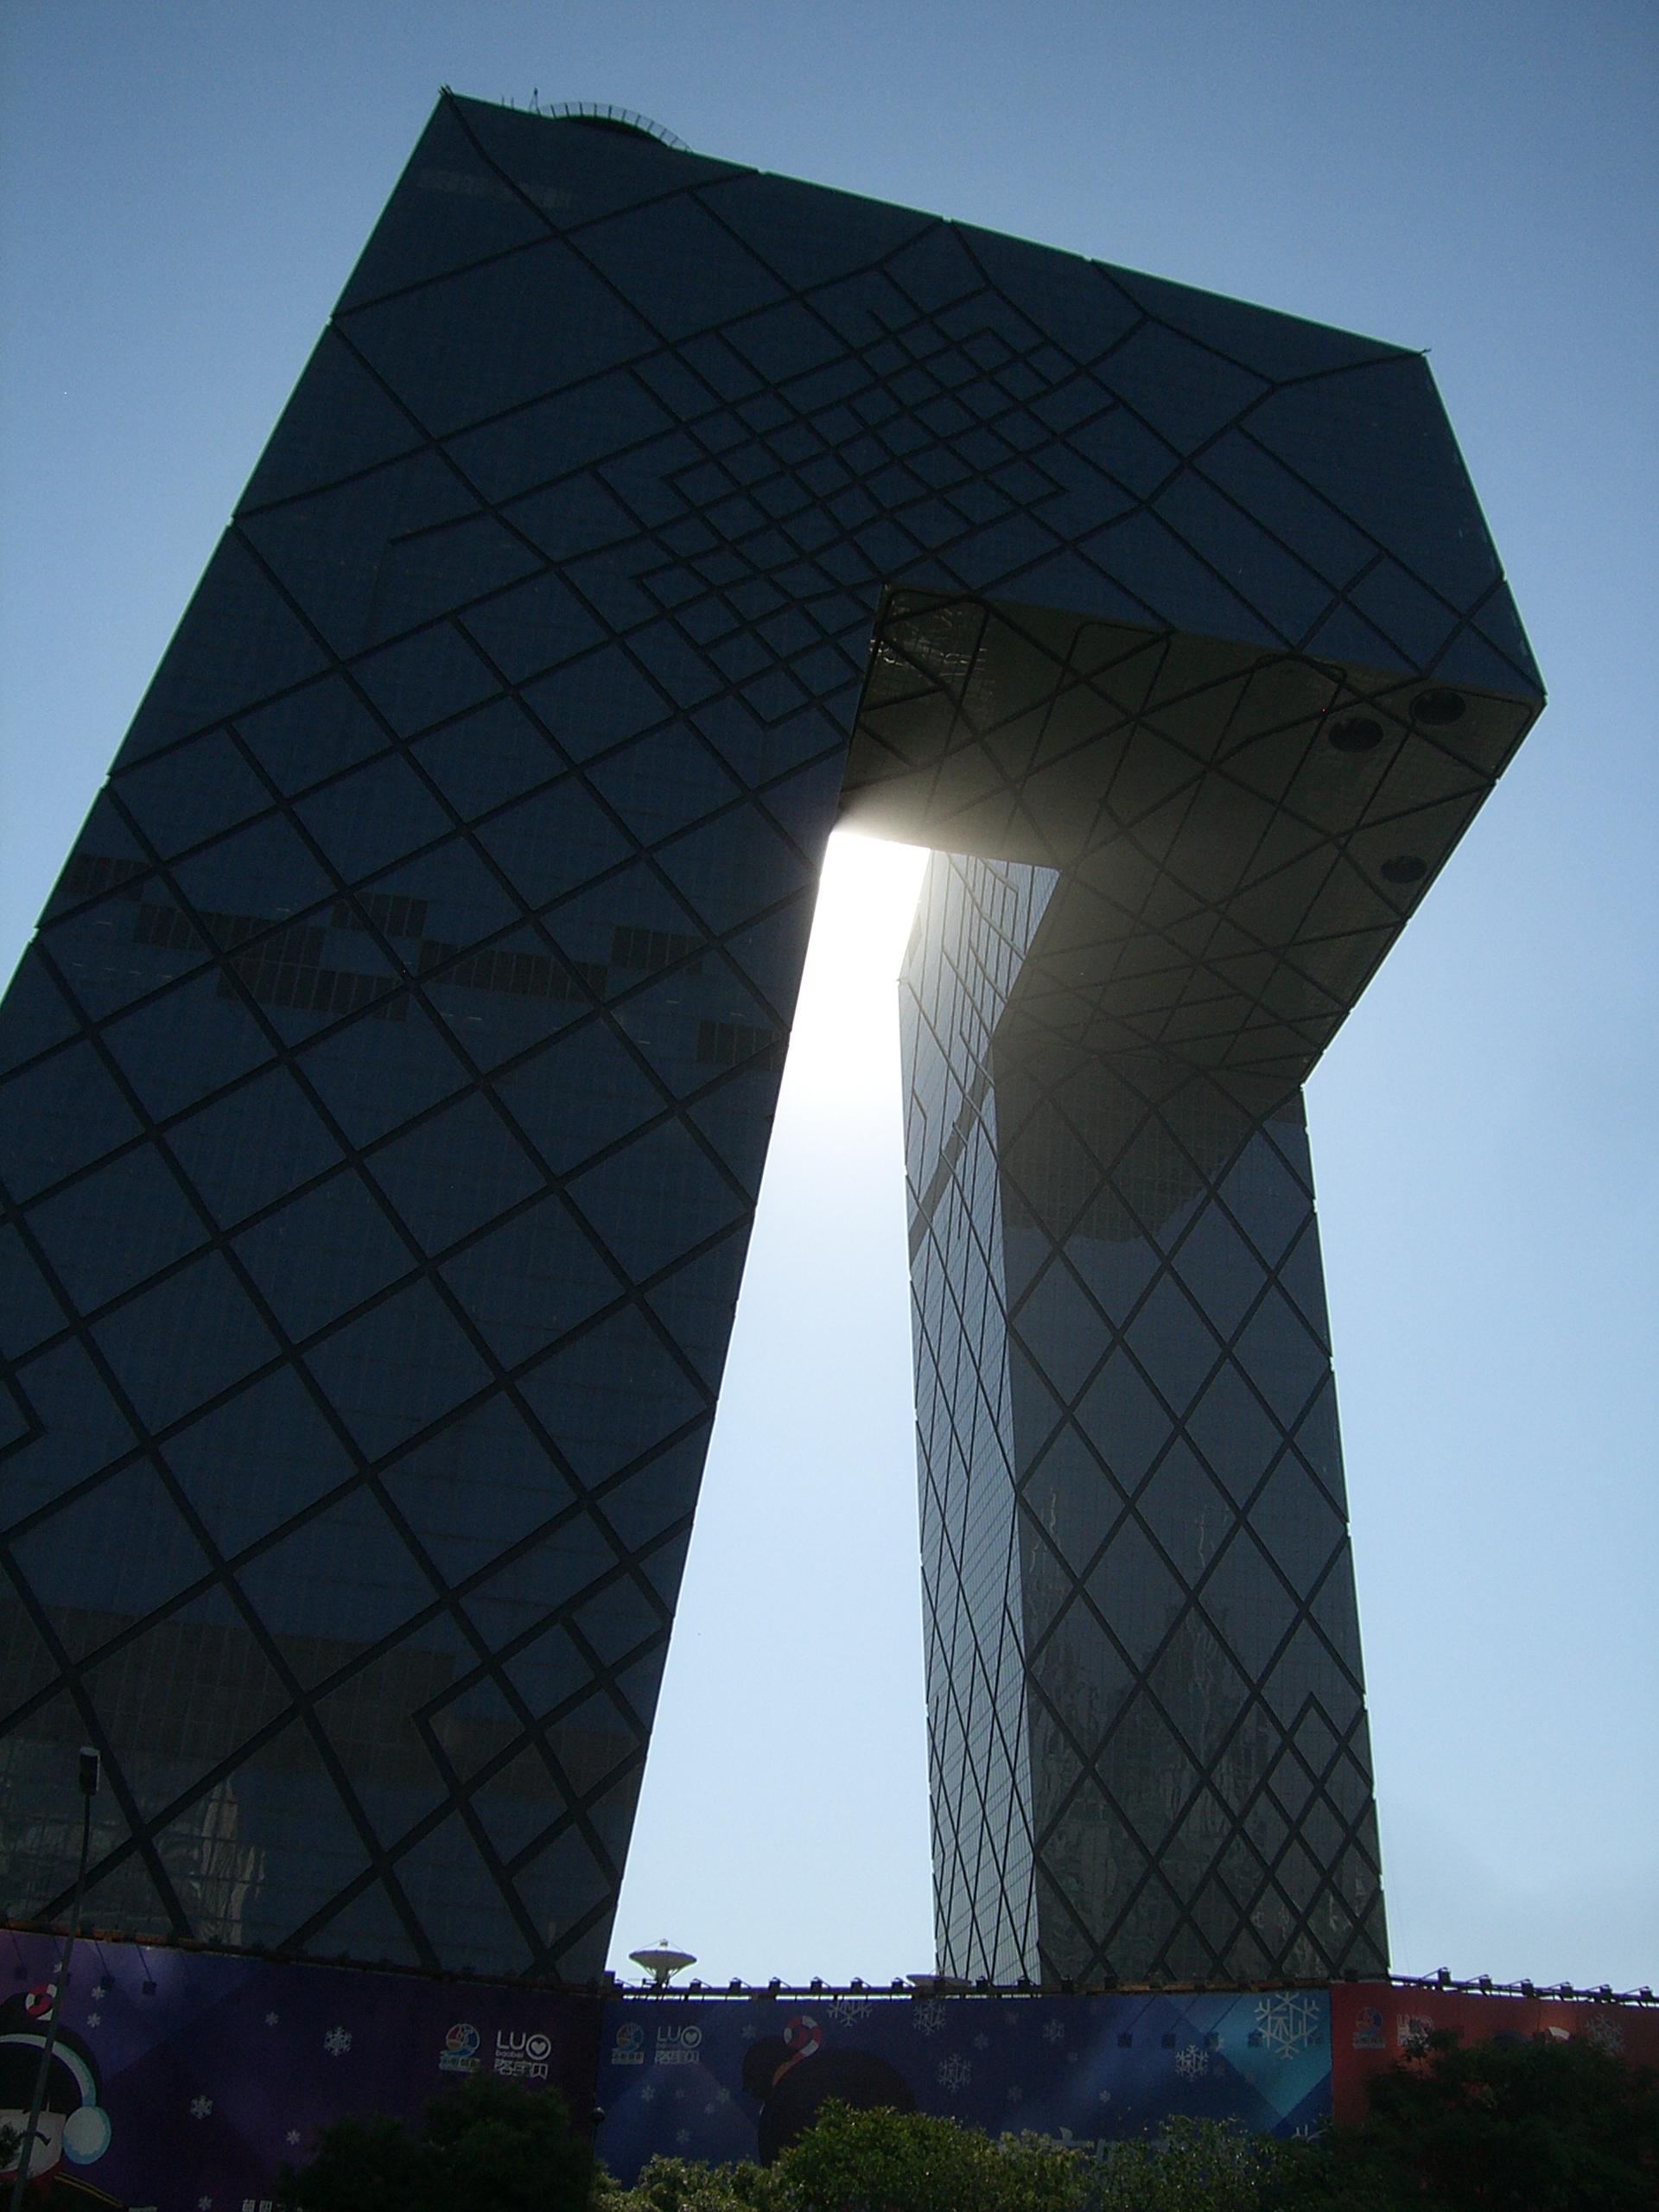 CCTV hq building, Beijing